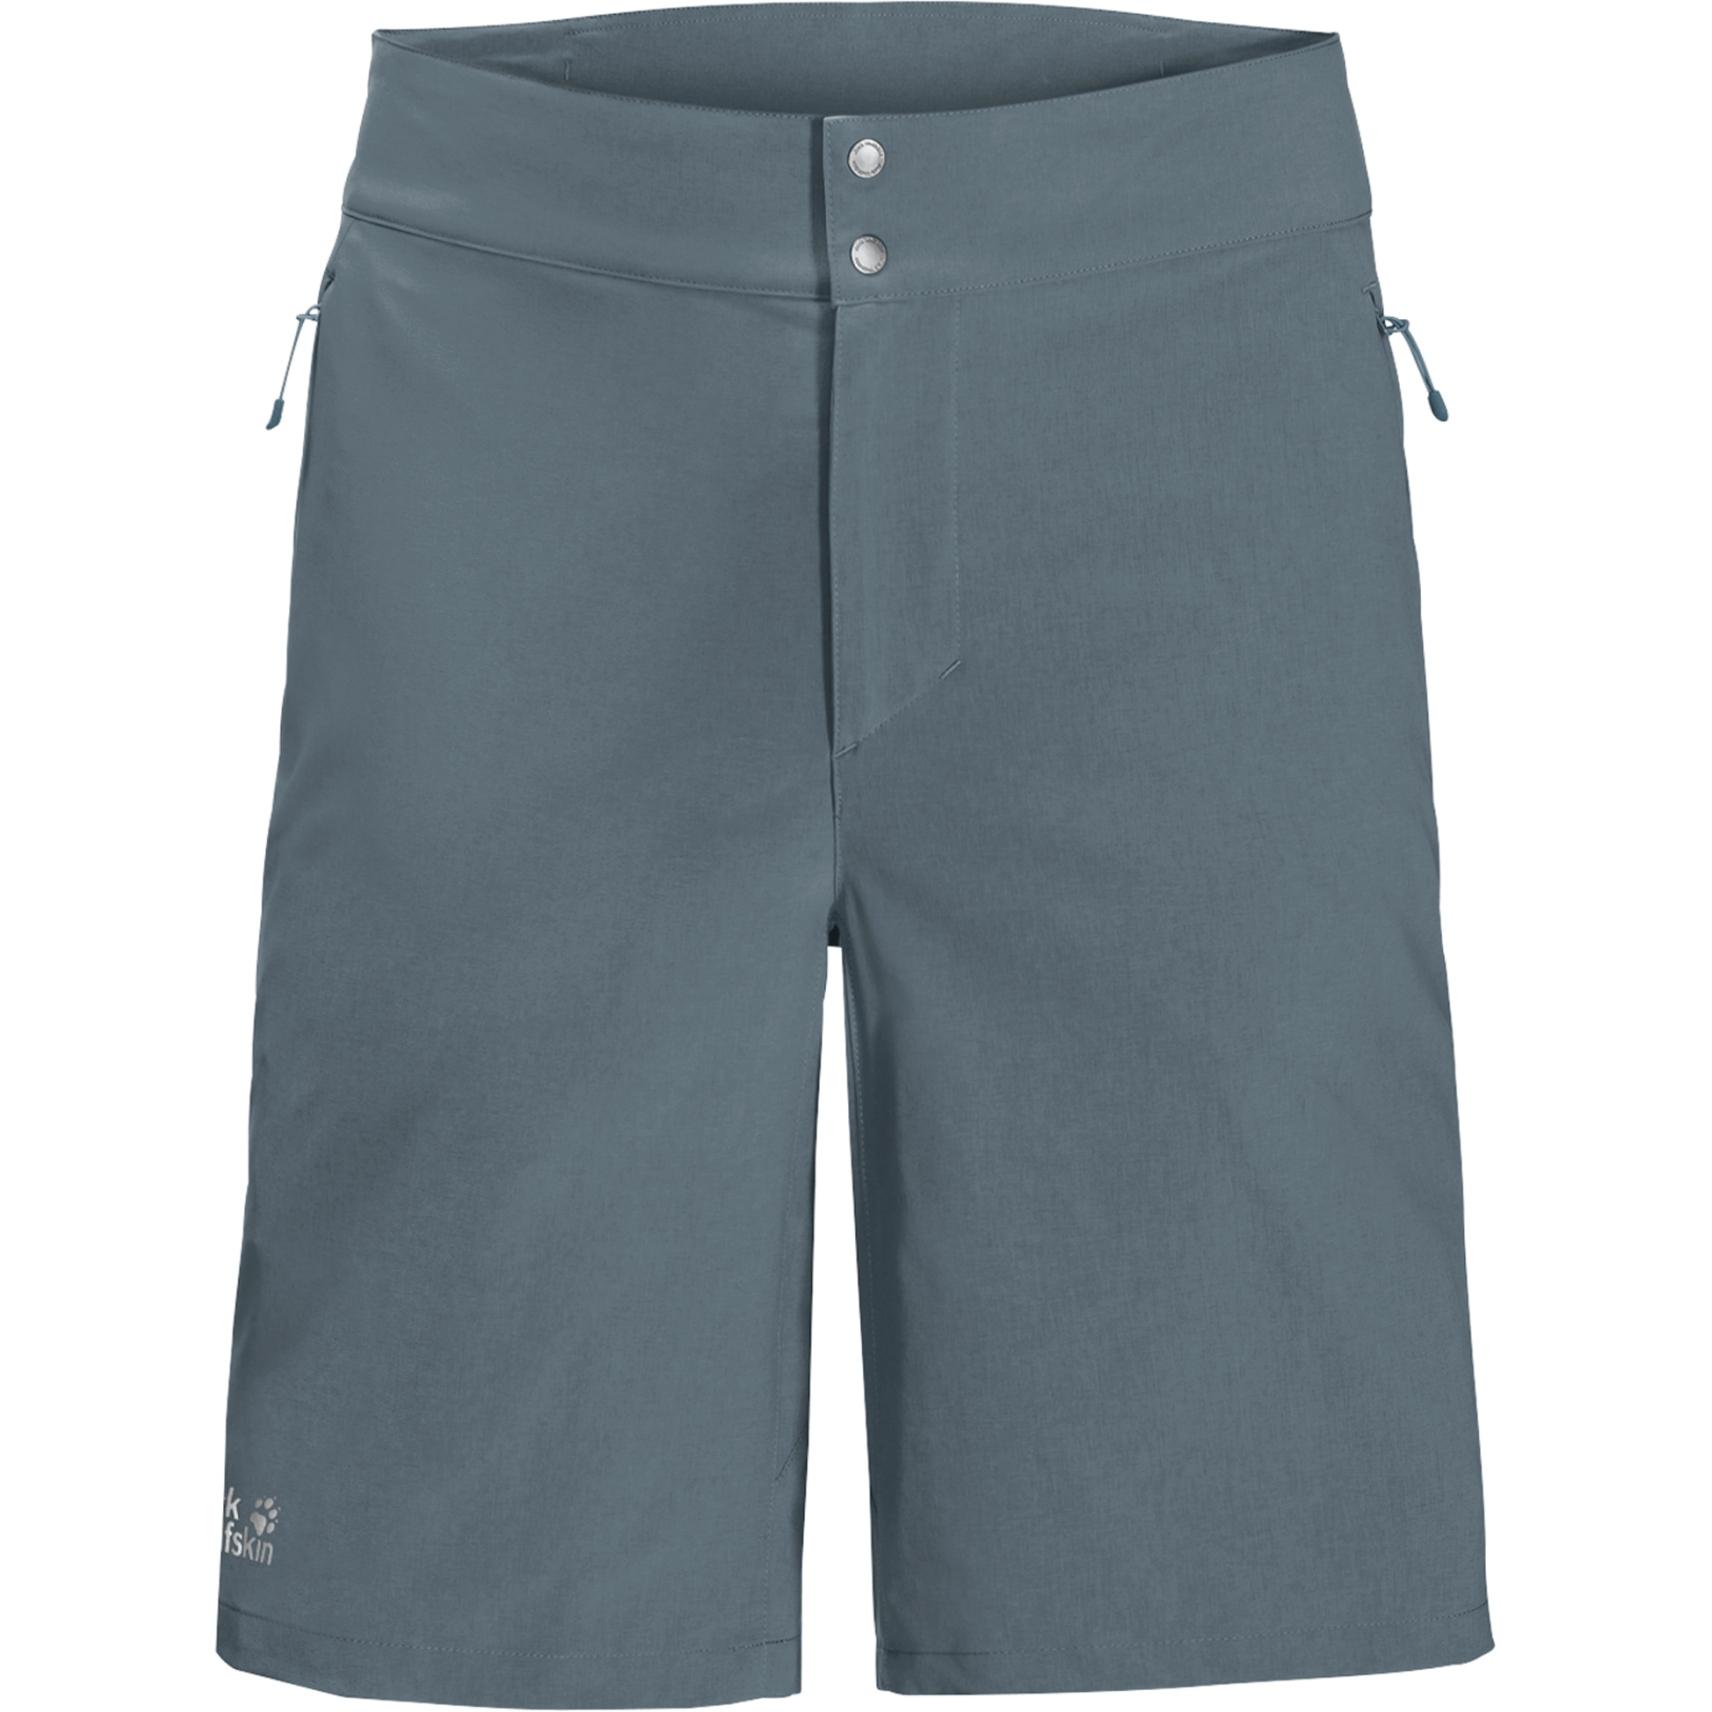 Jack Wolfskin Gradient Shorts - storm grey